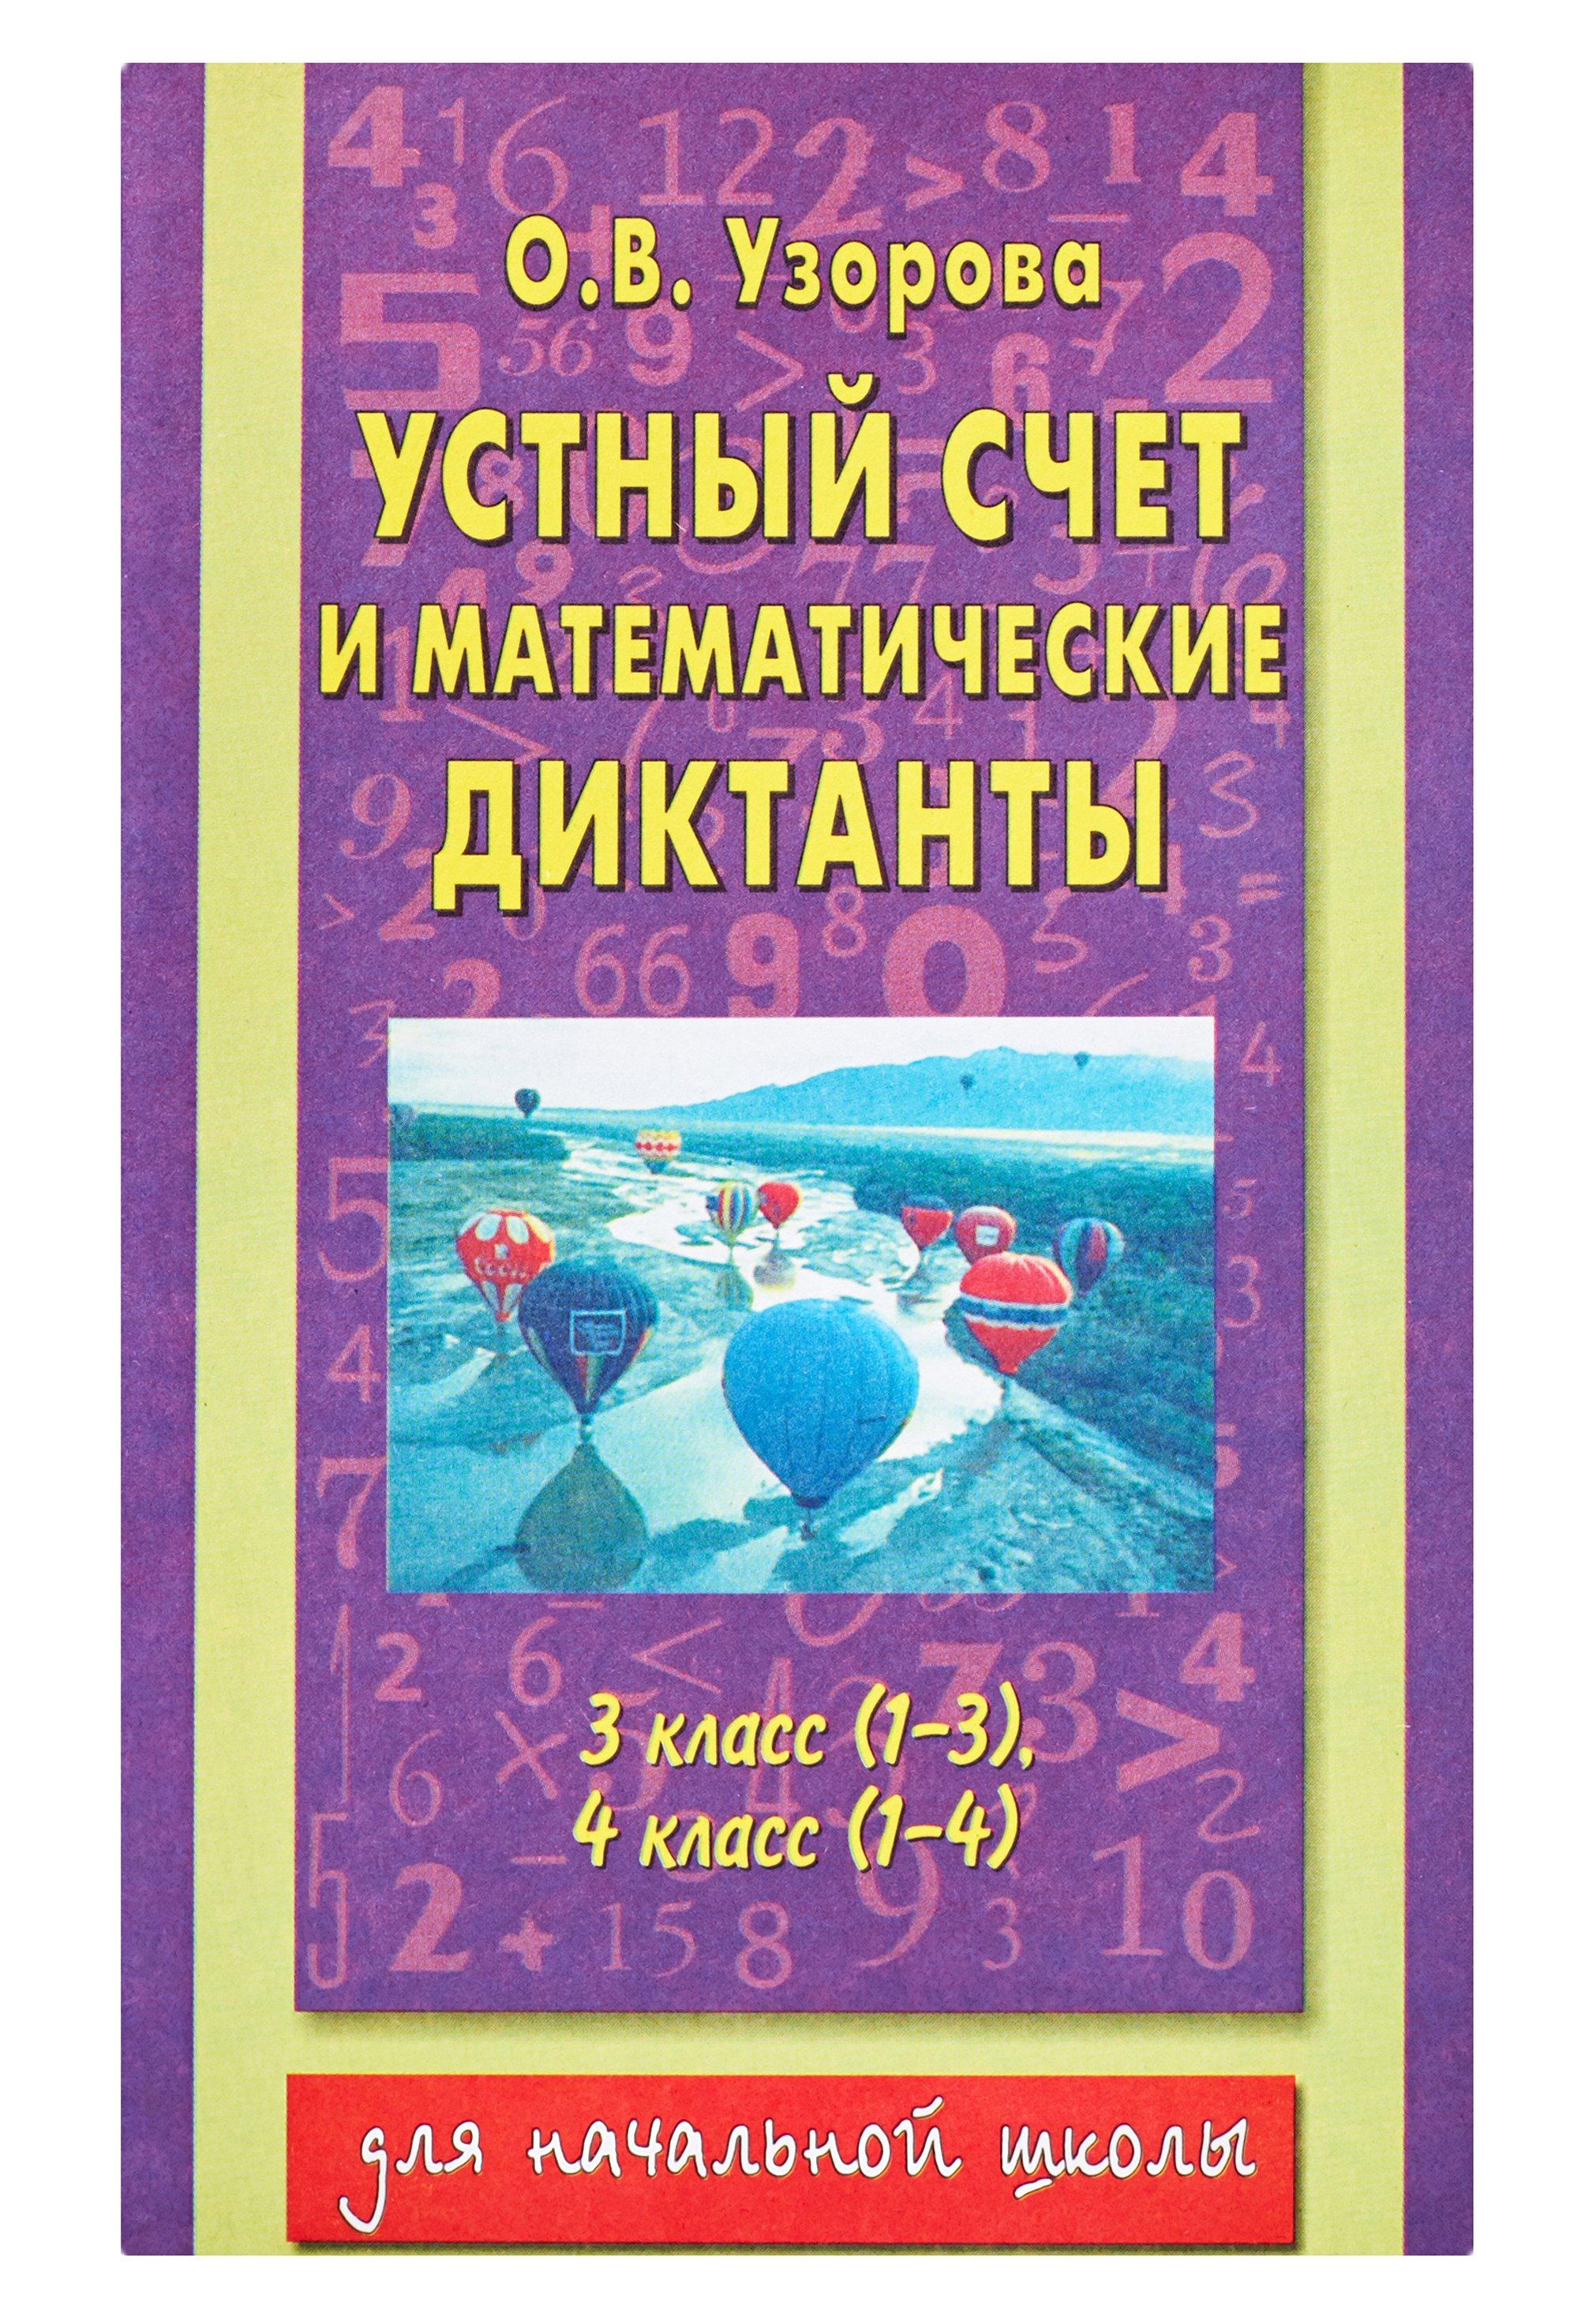 цена на Узорова Ольга Васильевна Устный счет и математические диктанты. 3 класс (1-3), 4 класс (1-4)